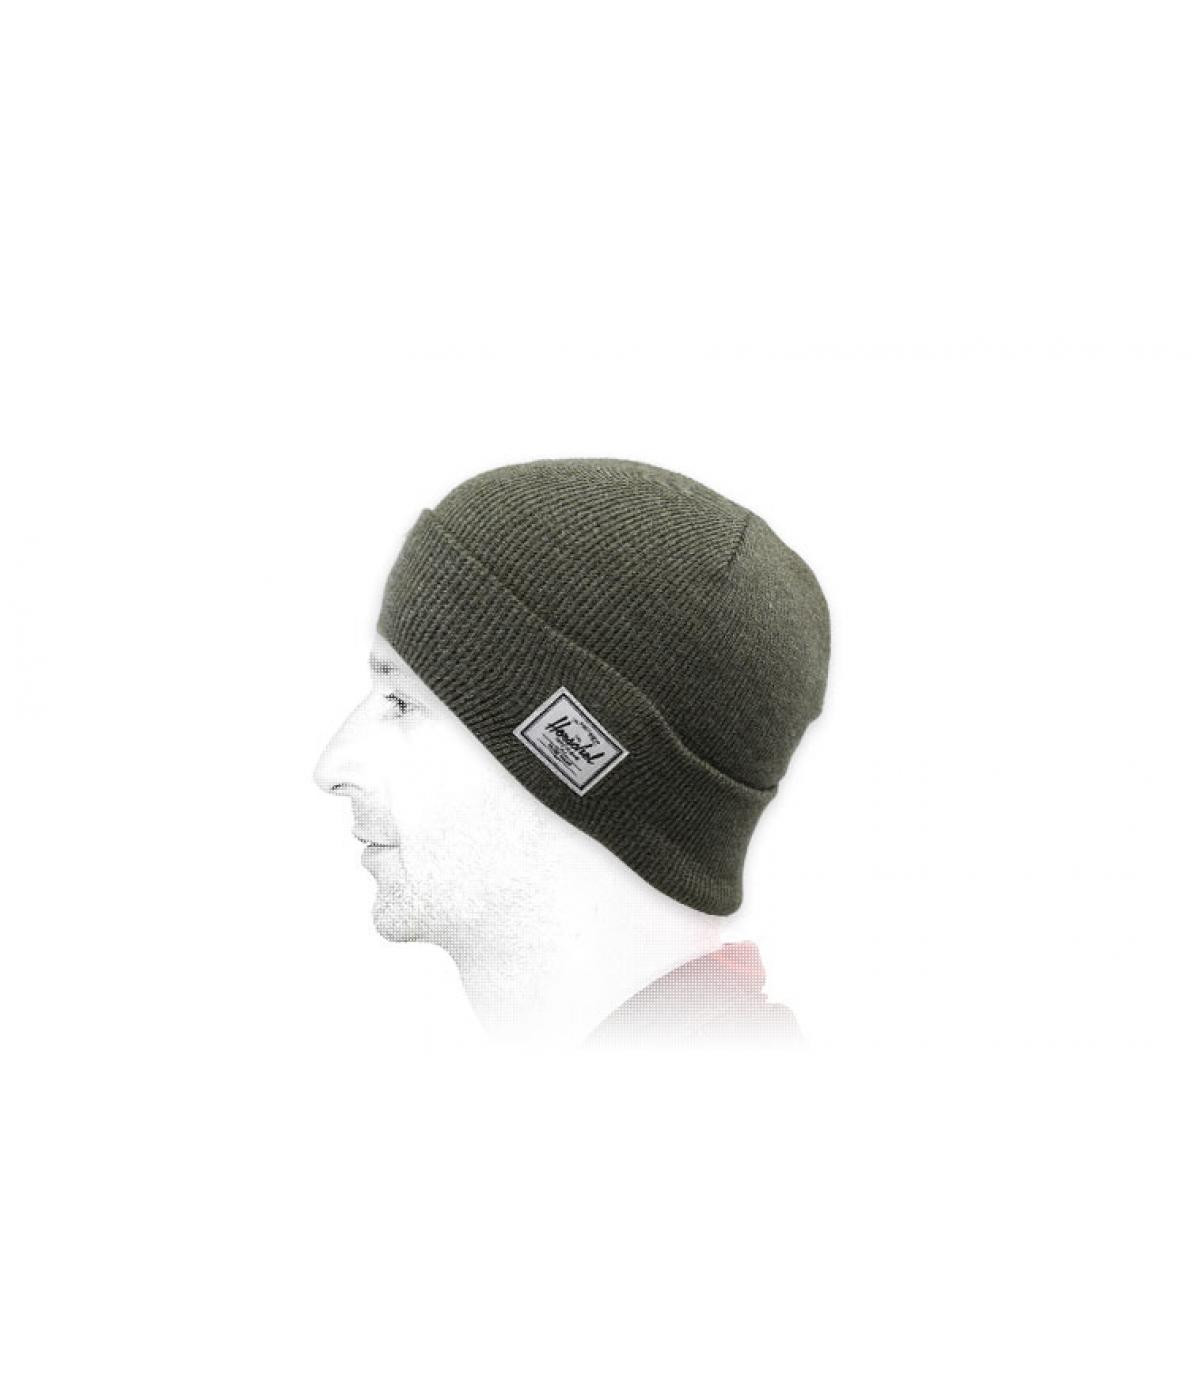 cappello reversibile Herschel verde